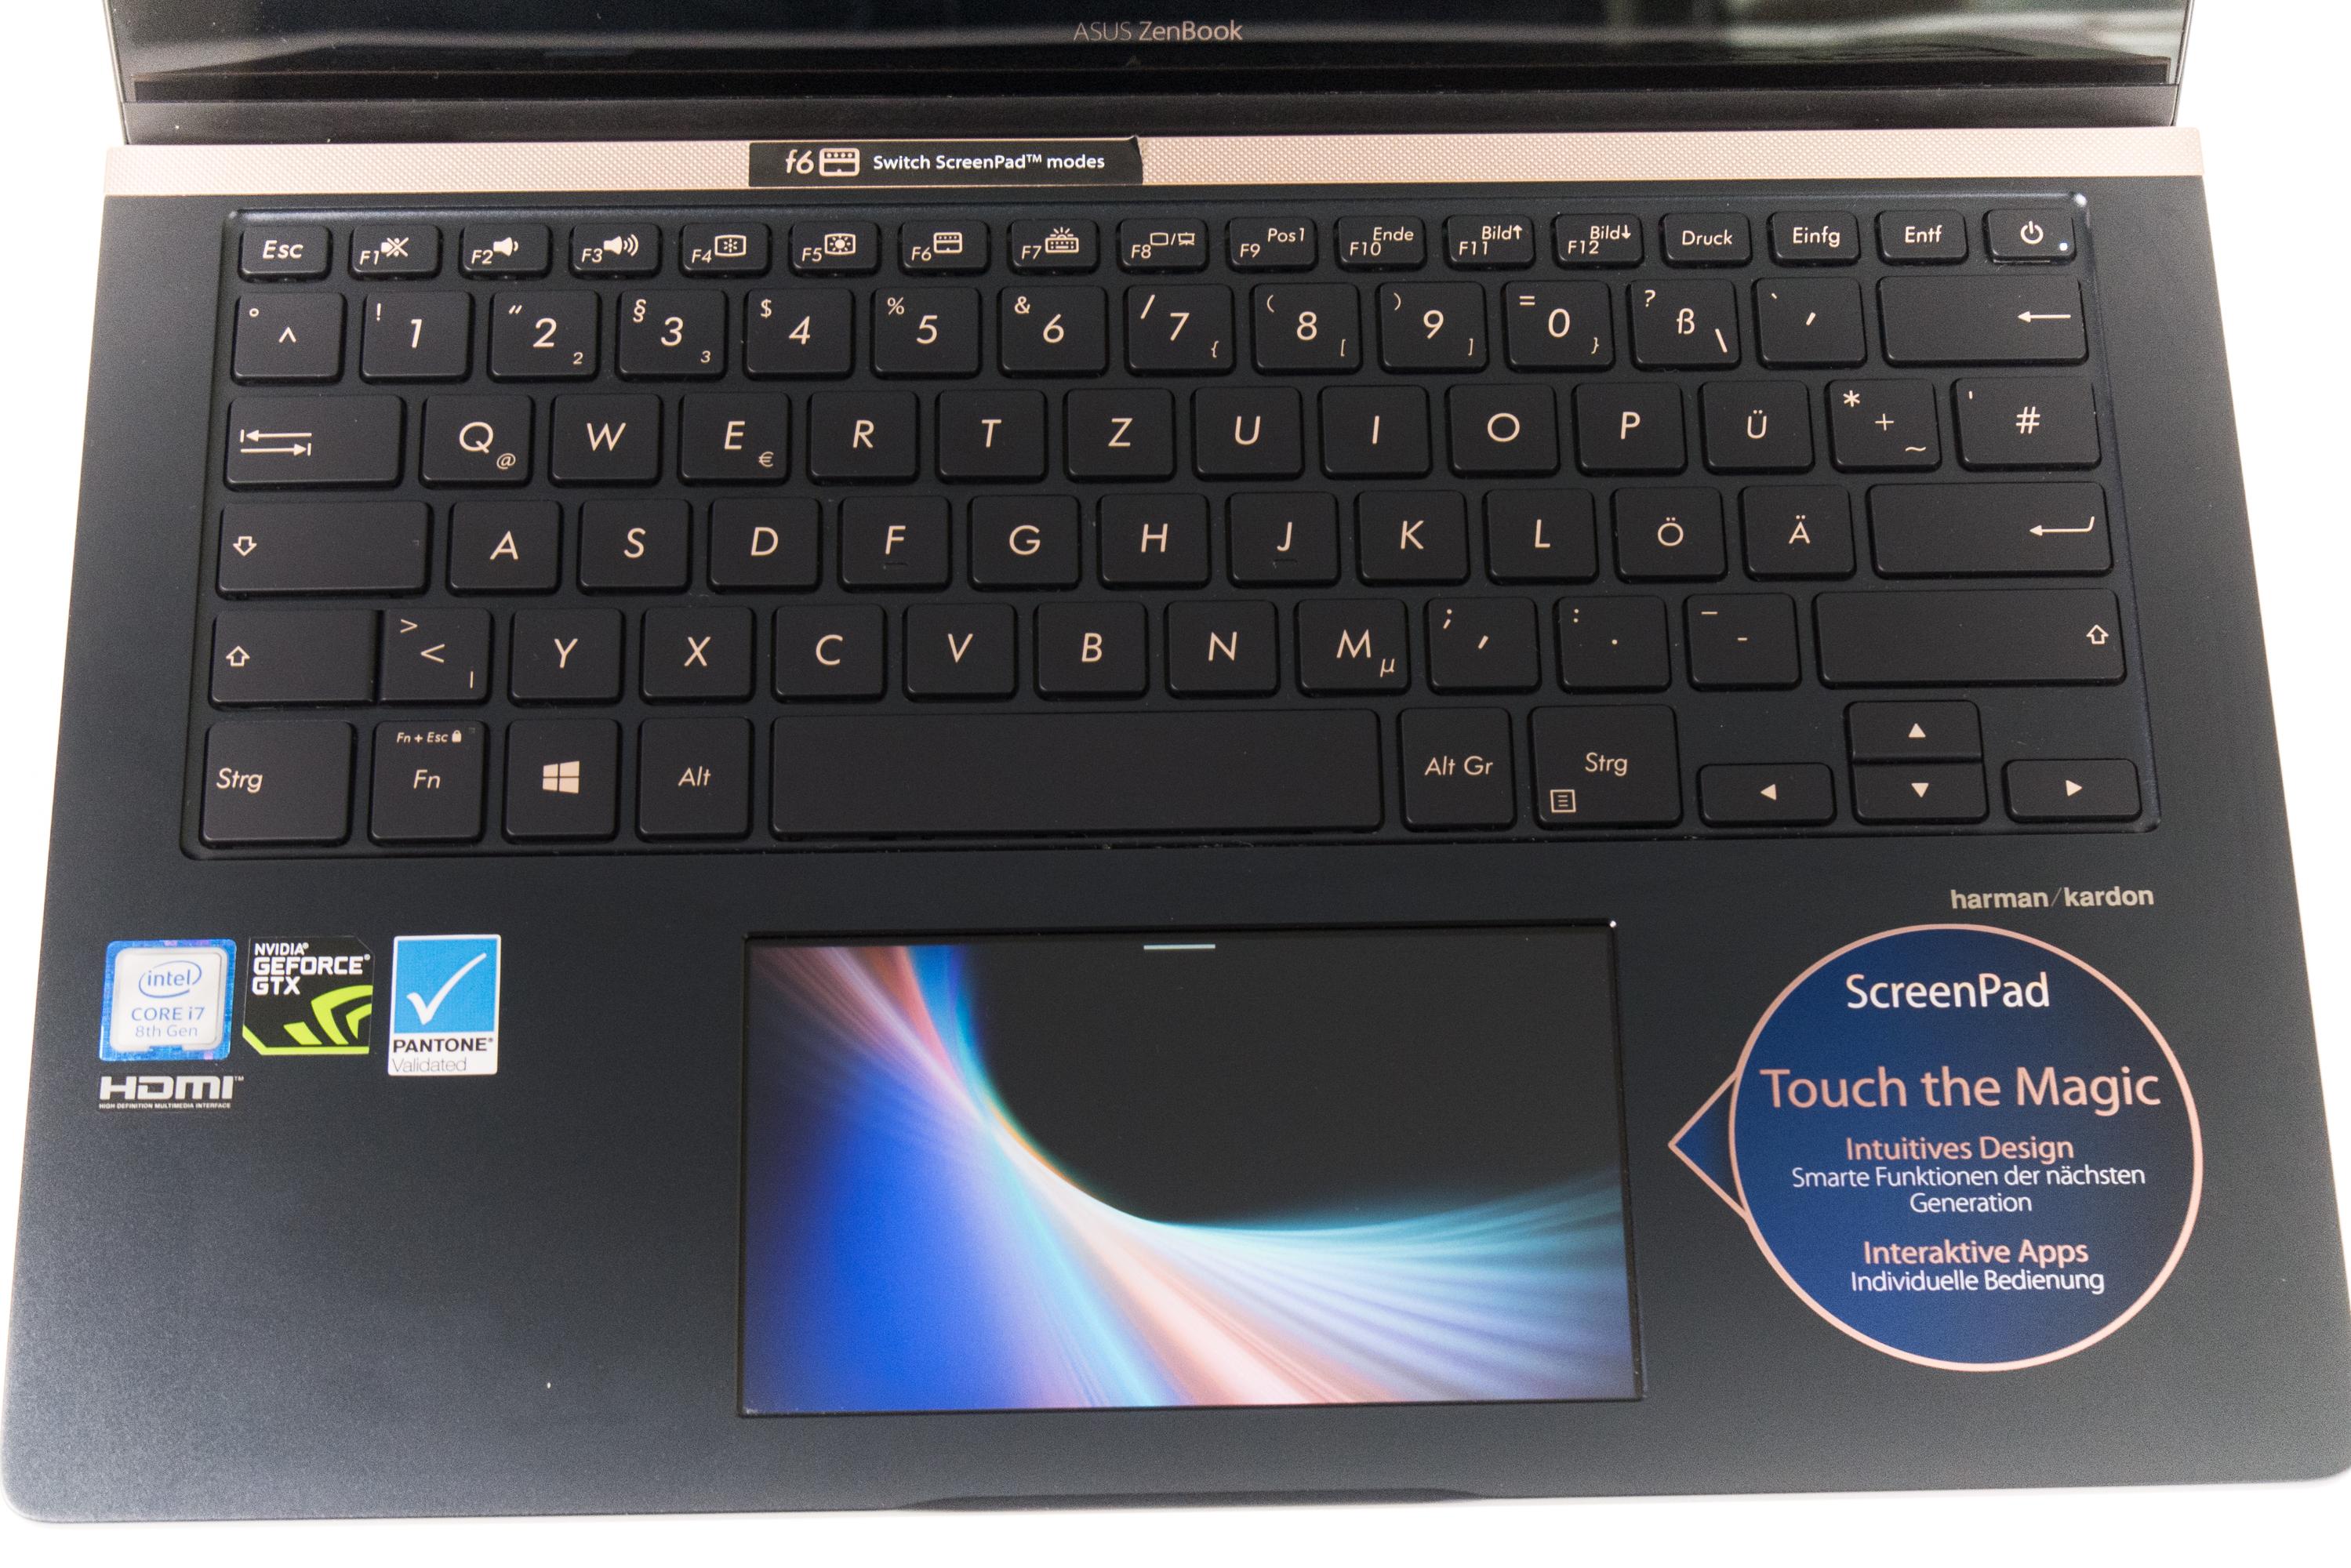 Asus Zenbook Pro 14 im Test: Das Display im Touchpad macht den Unterschied -